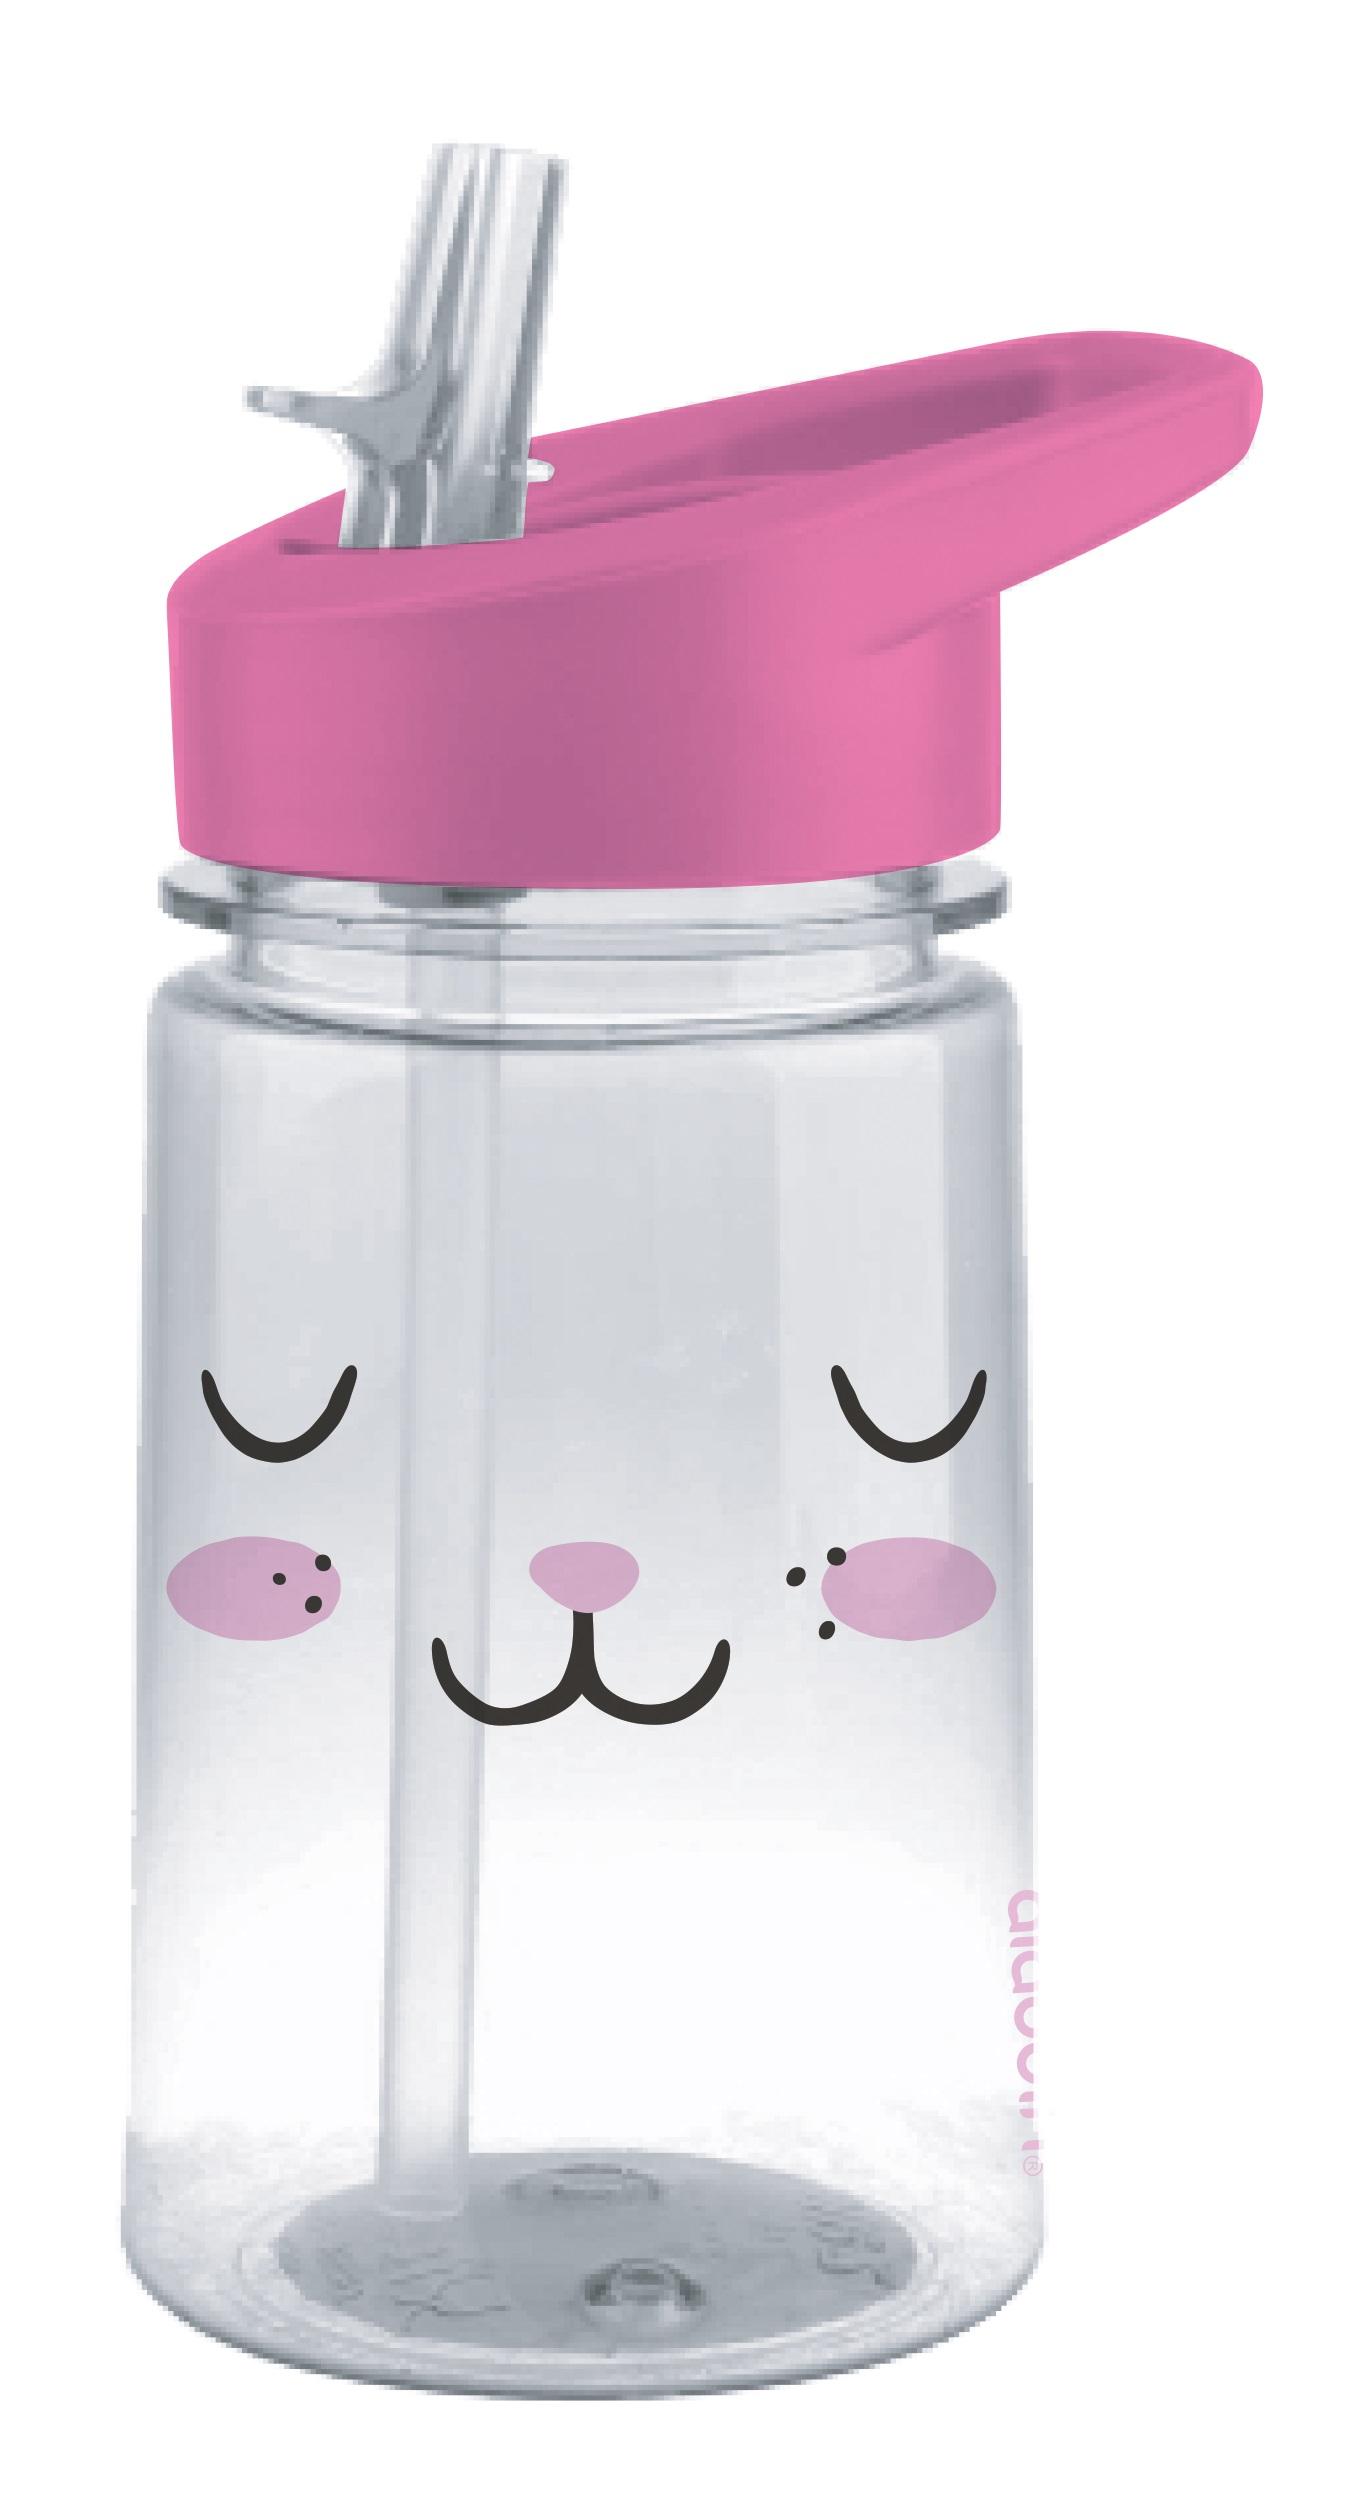 ALADDIN Pudele Zoo Flip & Sip Water Bottle 0.43L zakis 2708541001 Sporta aksesuāri